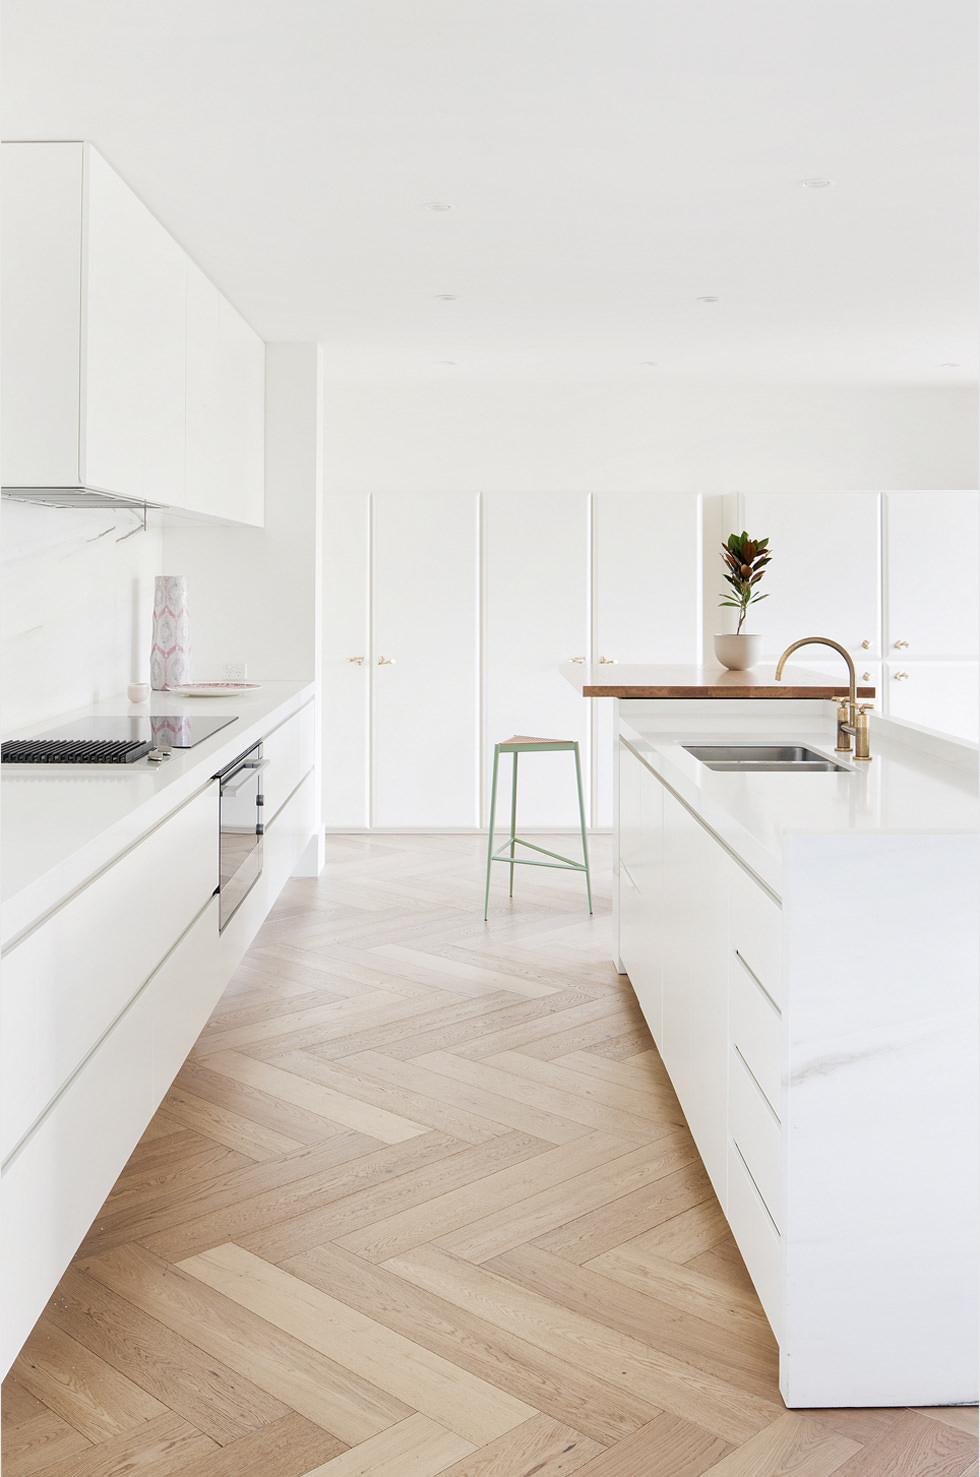 Pavimento Laminato In Cucina Opinioni pavimenti cucina • guida alla scelta dei migliori materiali